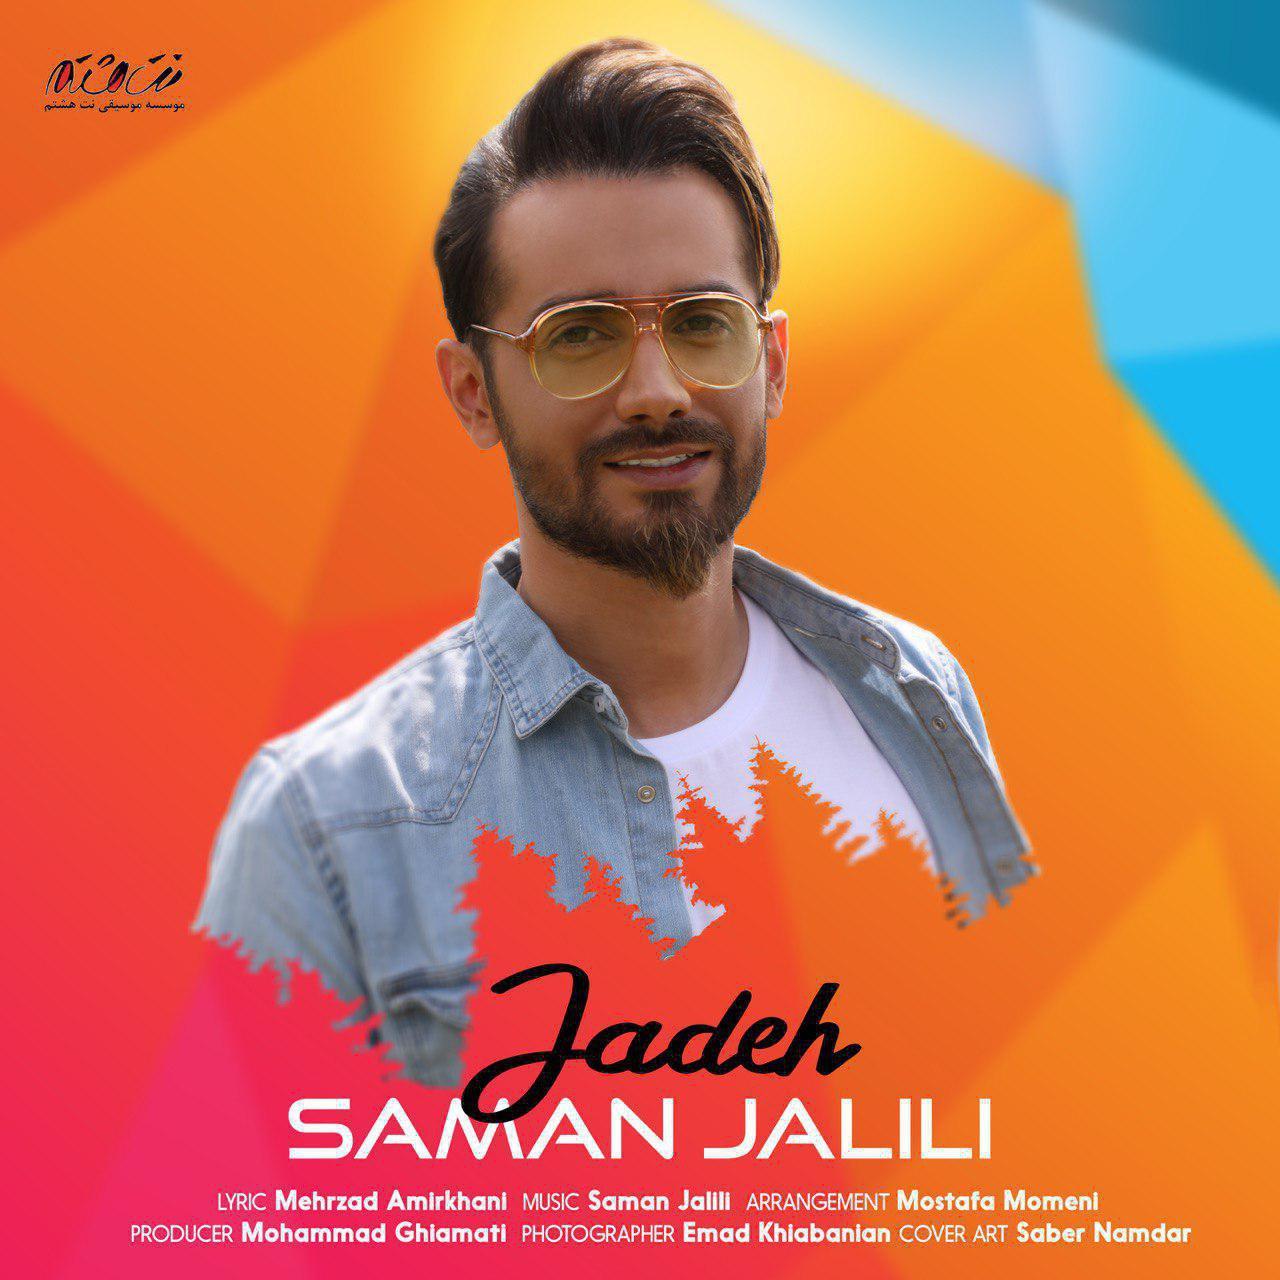 Saman Jalili - Jadeh